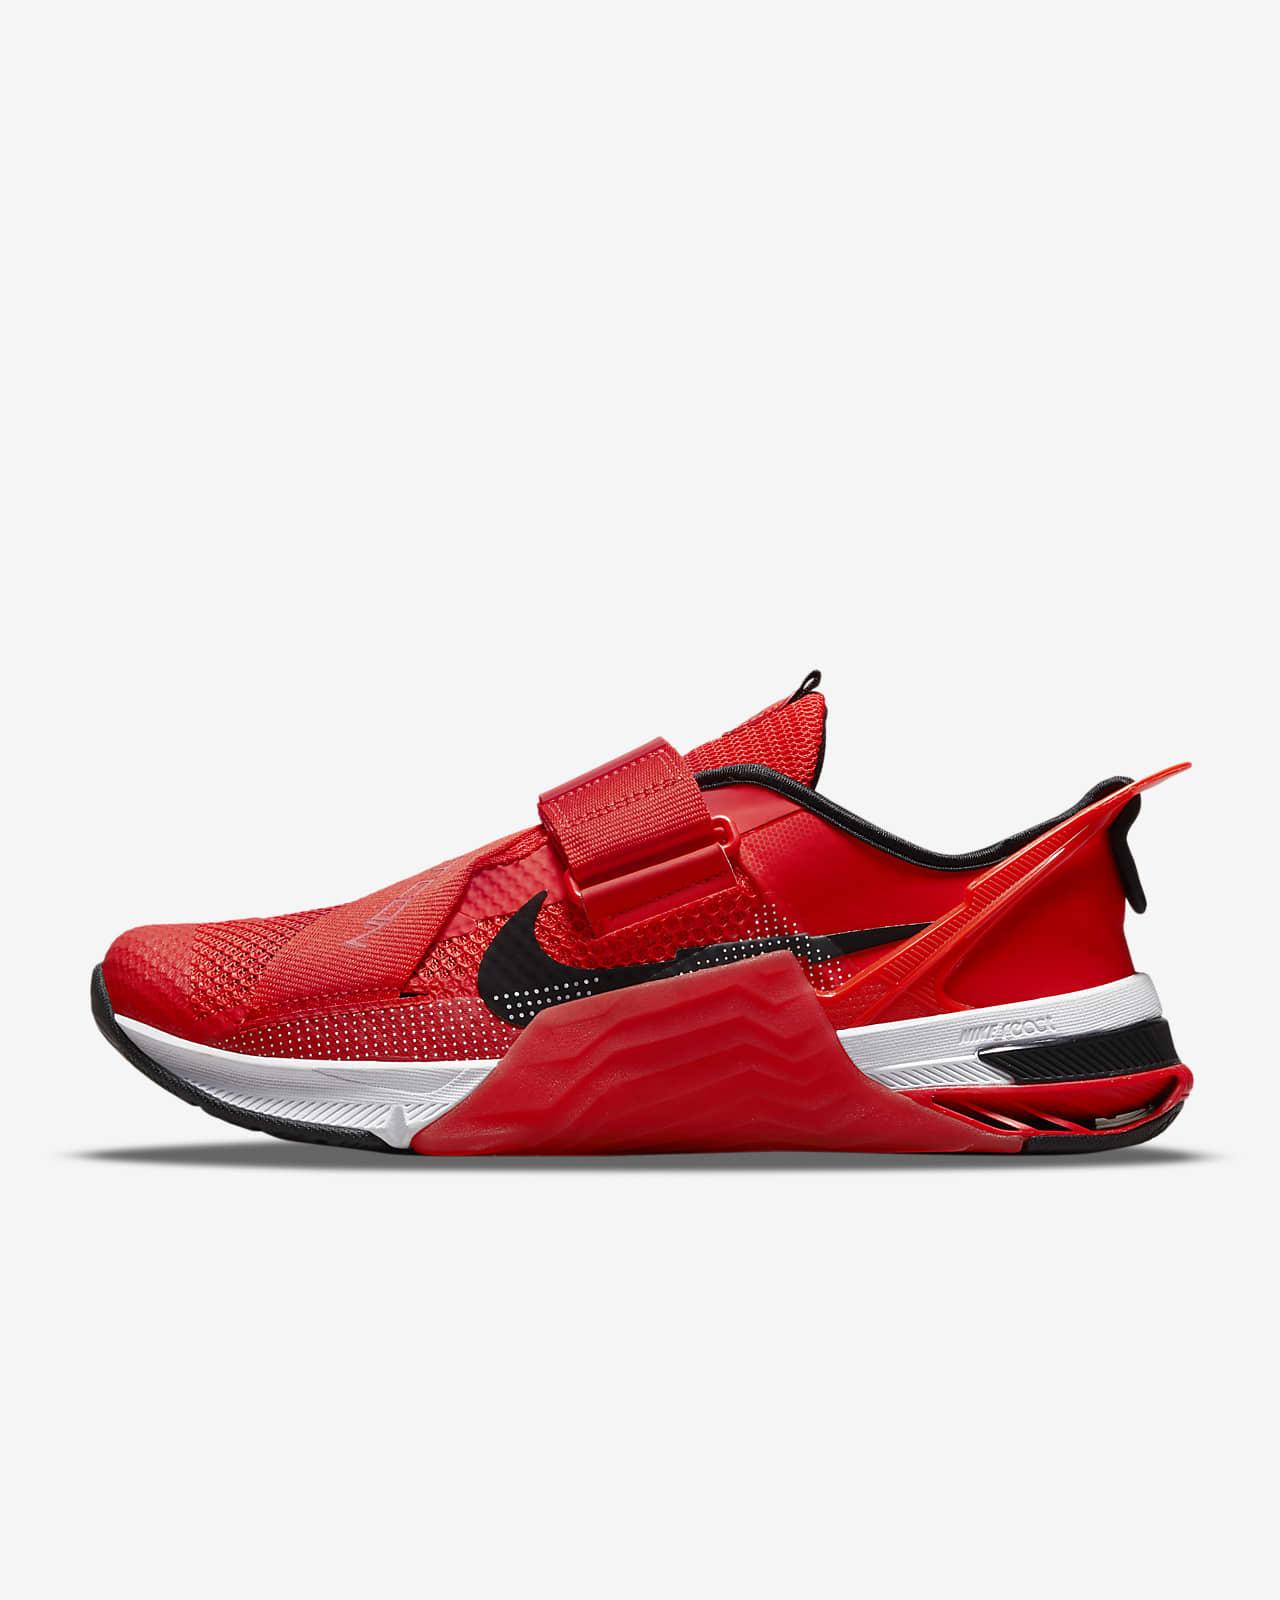 Calzado de entrenamiento Nike Metcon 7 FlyEase